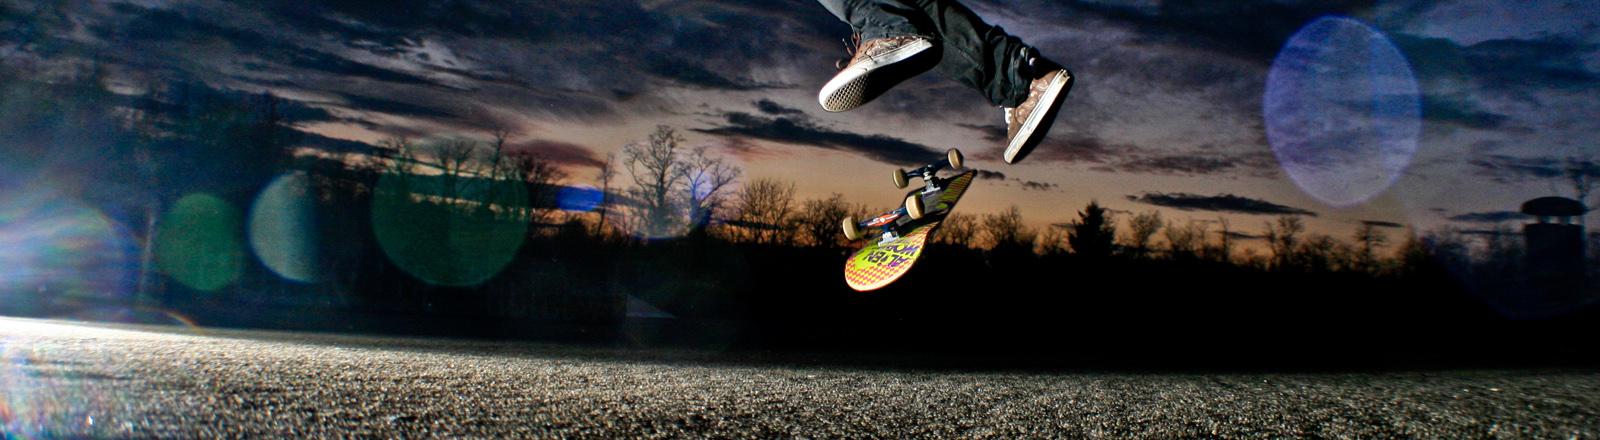 Ein Skater macht einen Kickflip